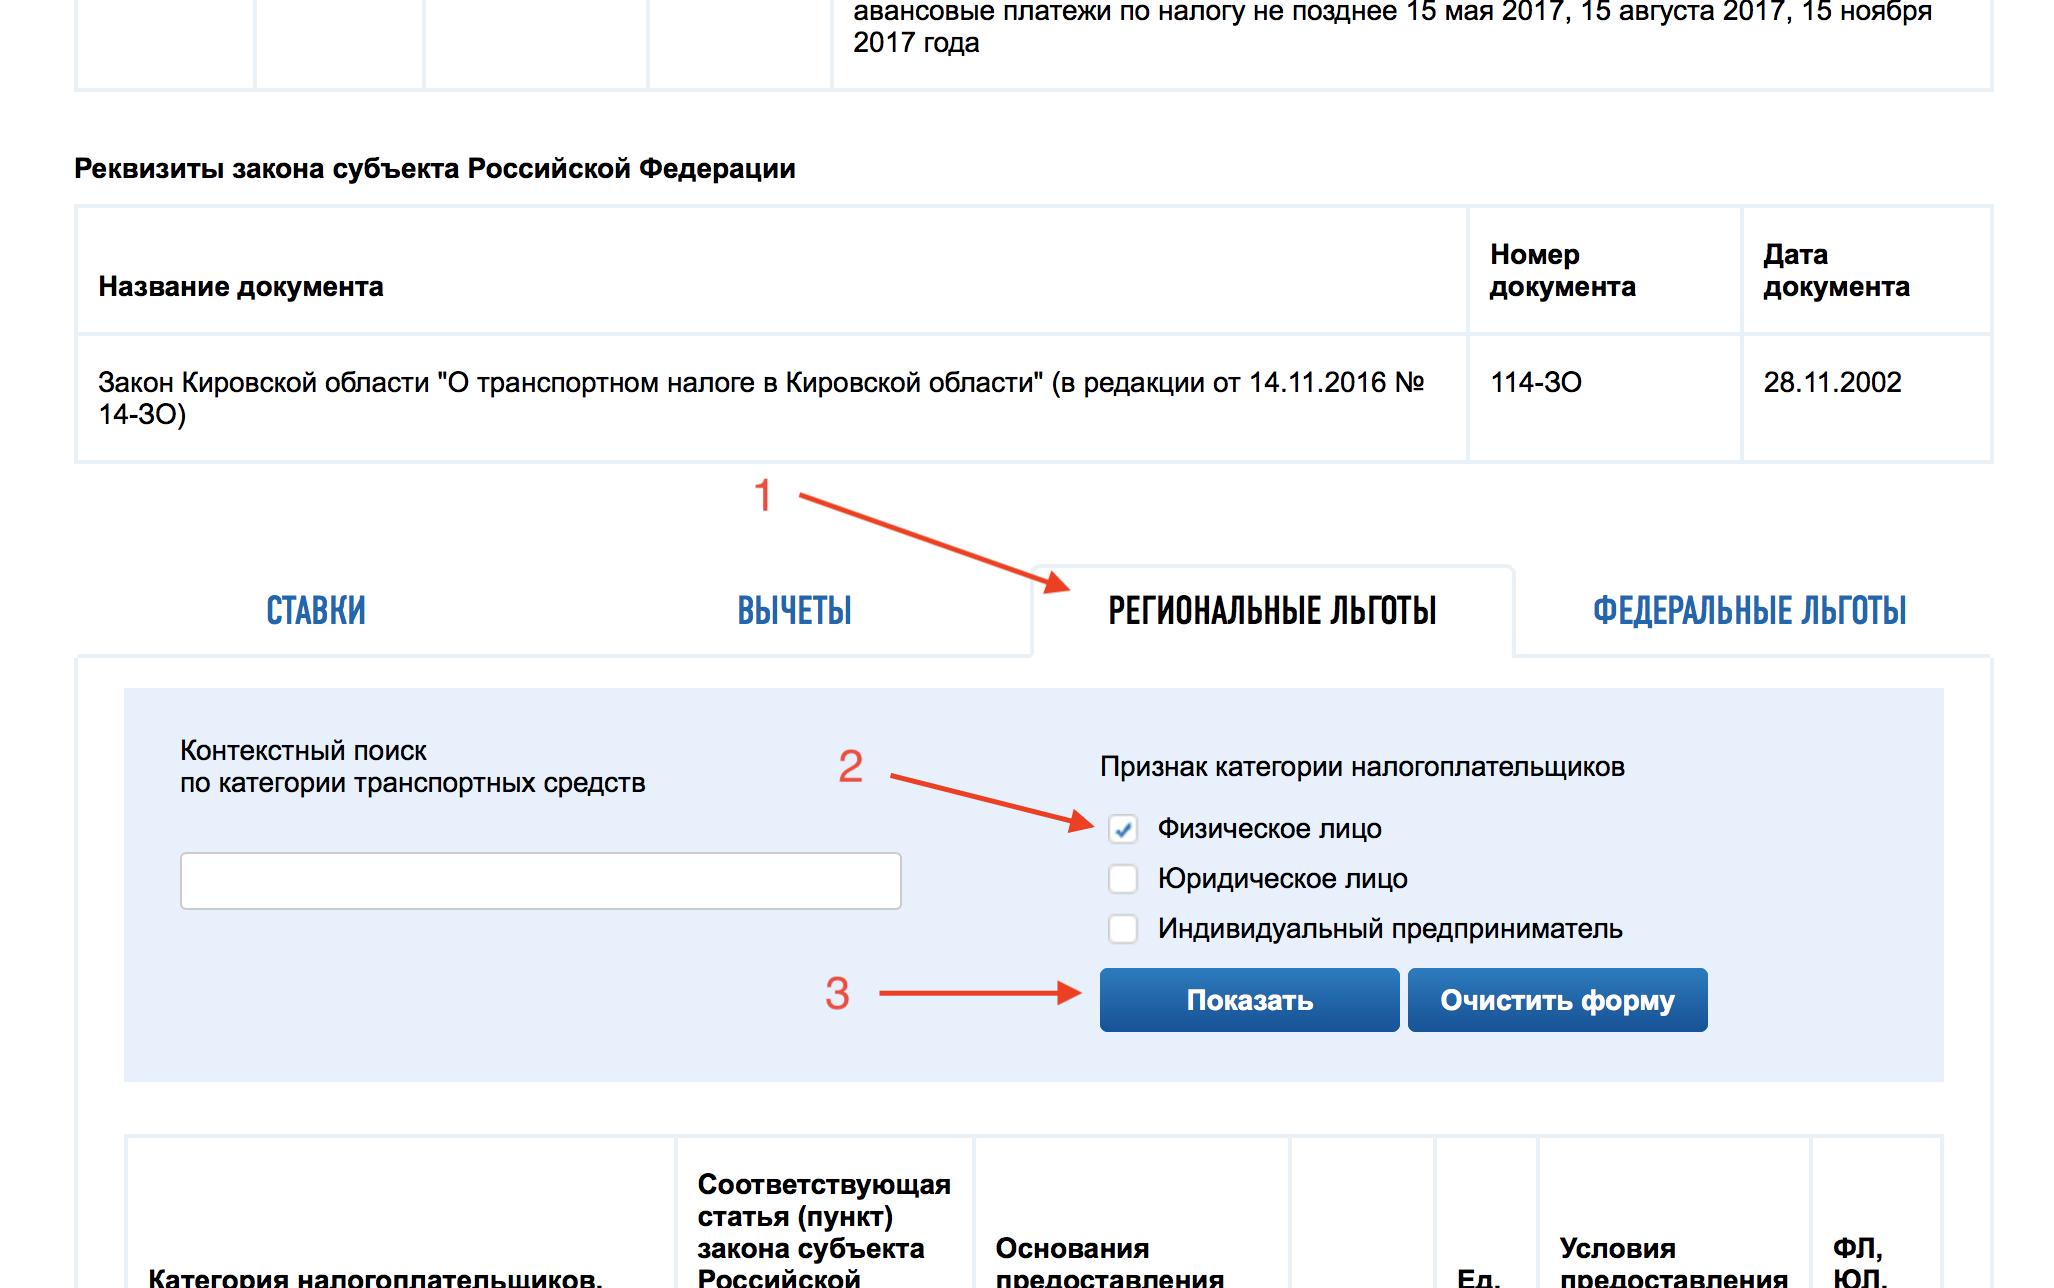 Транспорный налог иркутская область срок уплаты